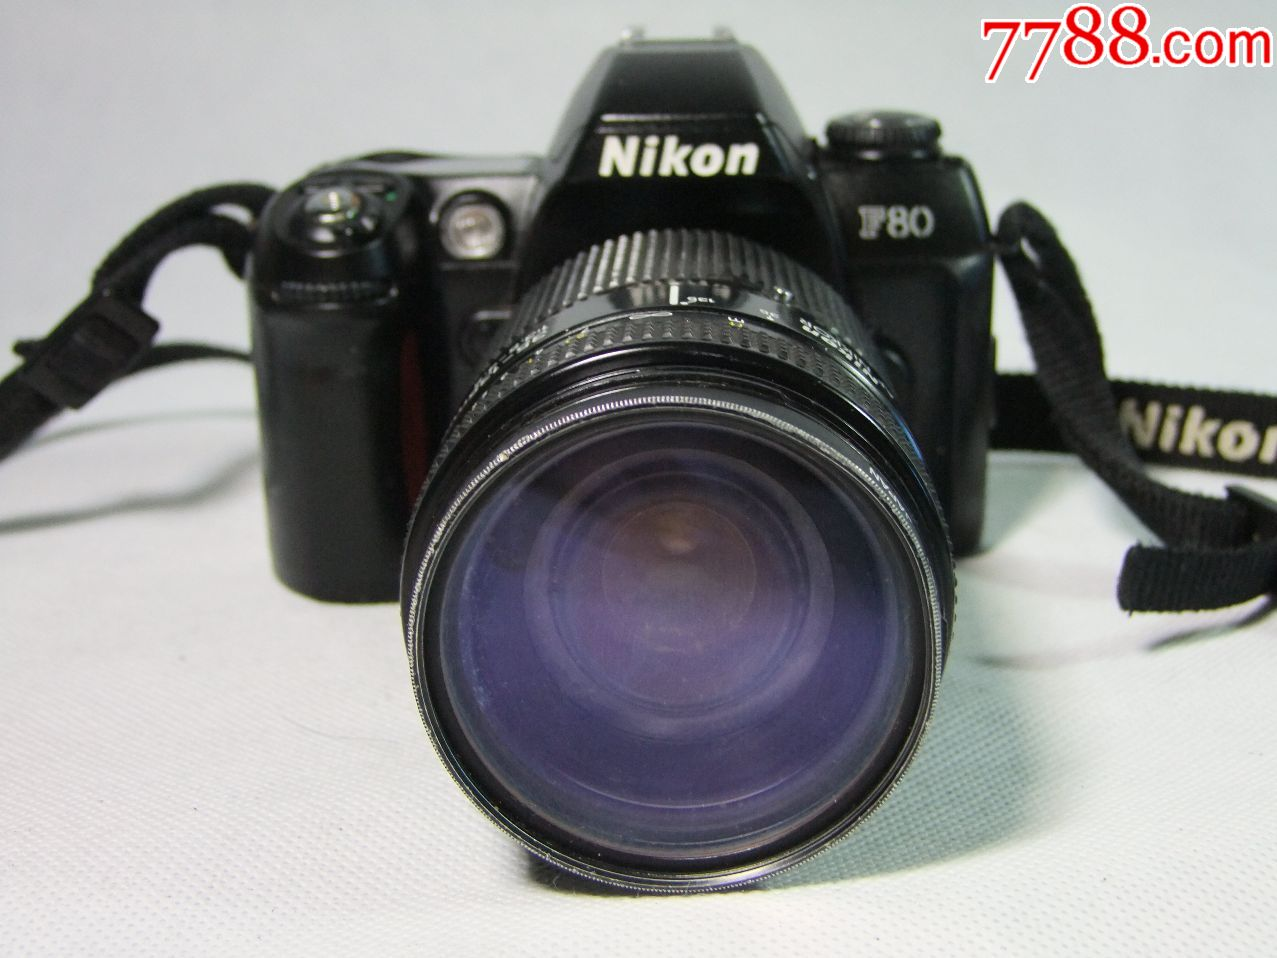 尼康f75对比f80_尼康d3200对比_尼康d750对比尼康d610